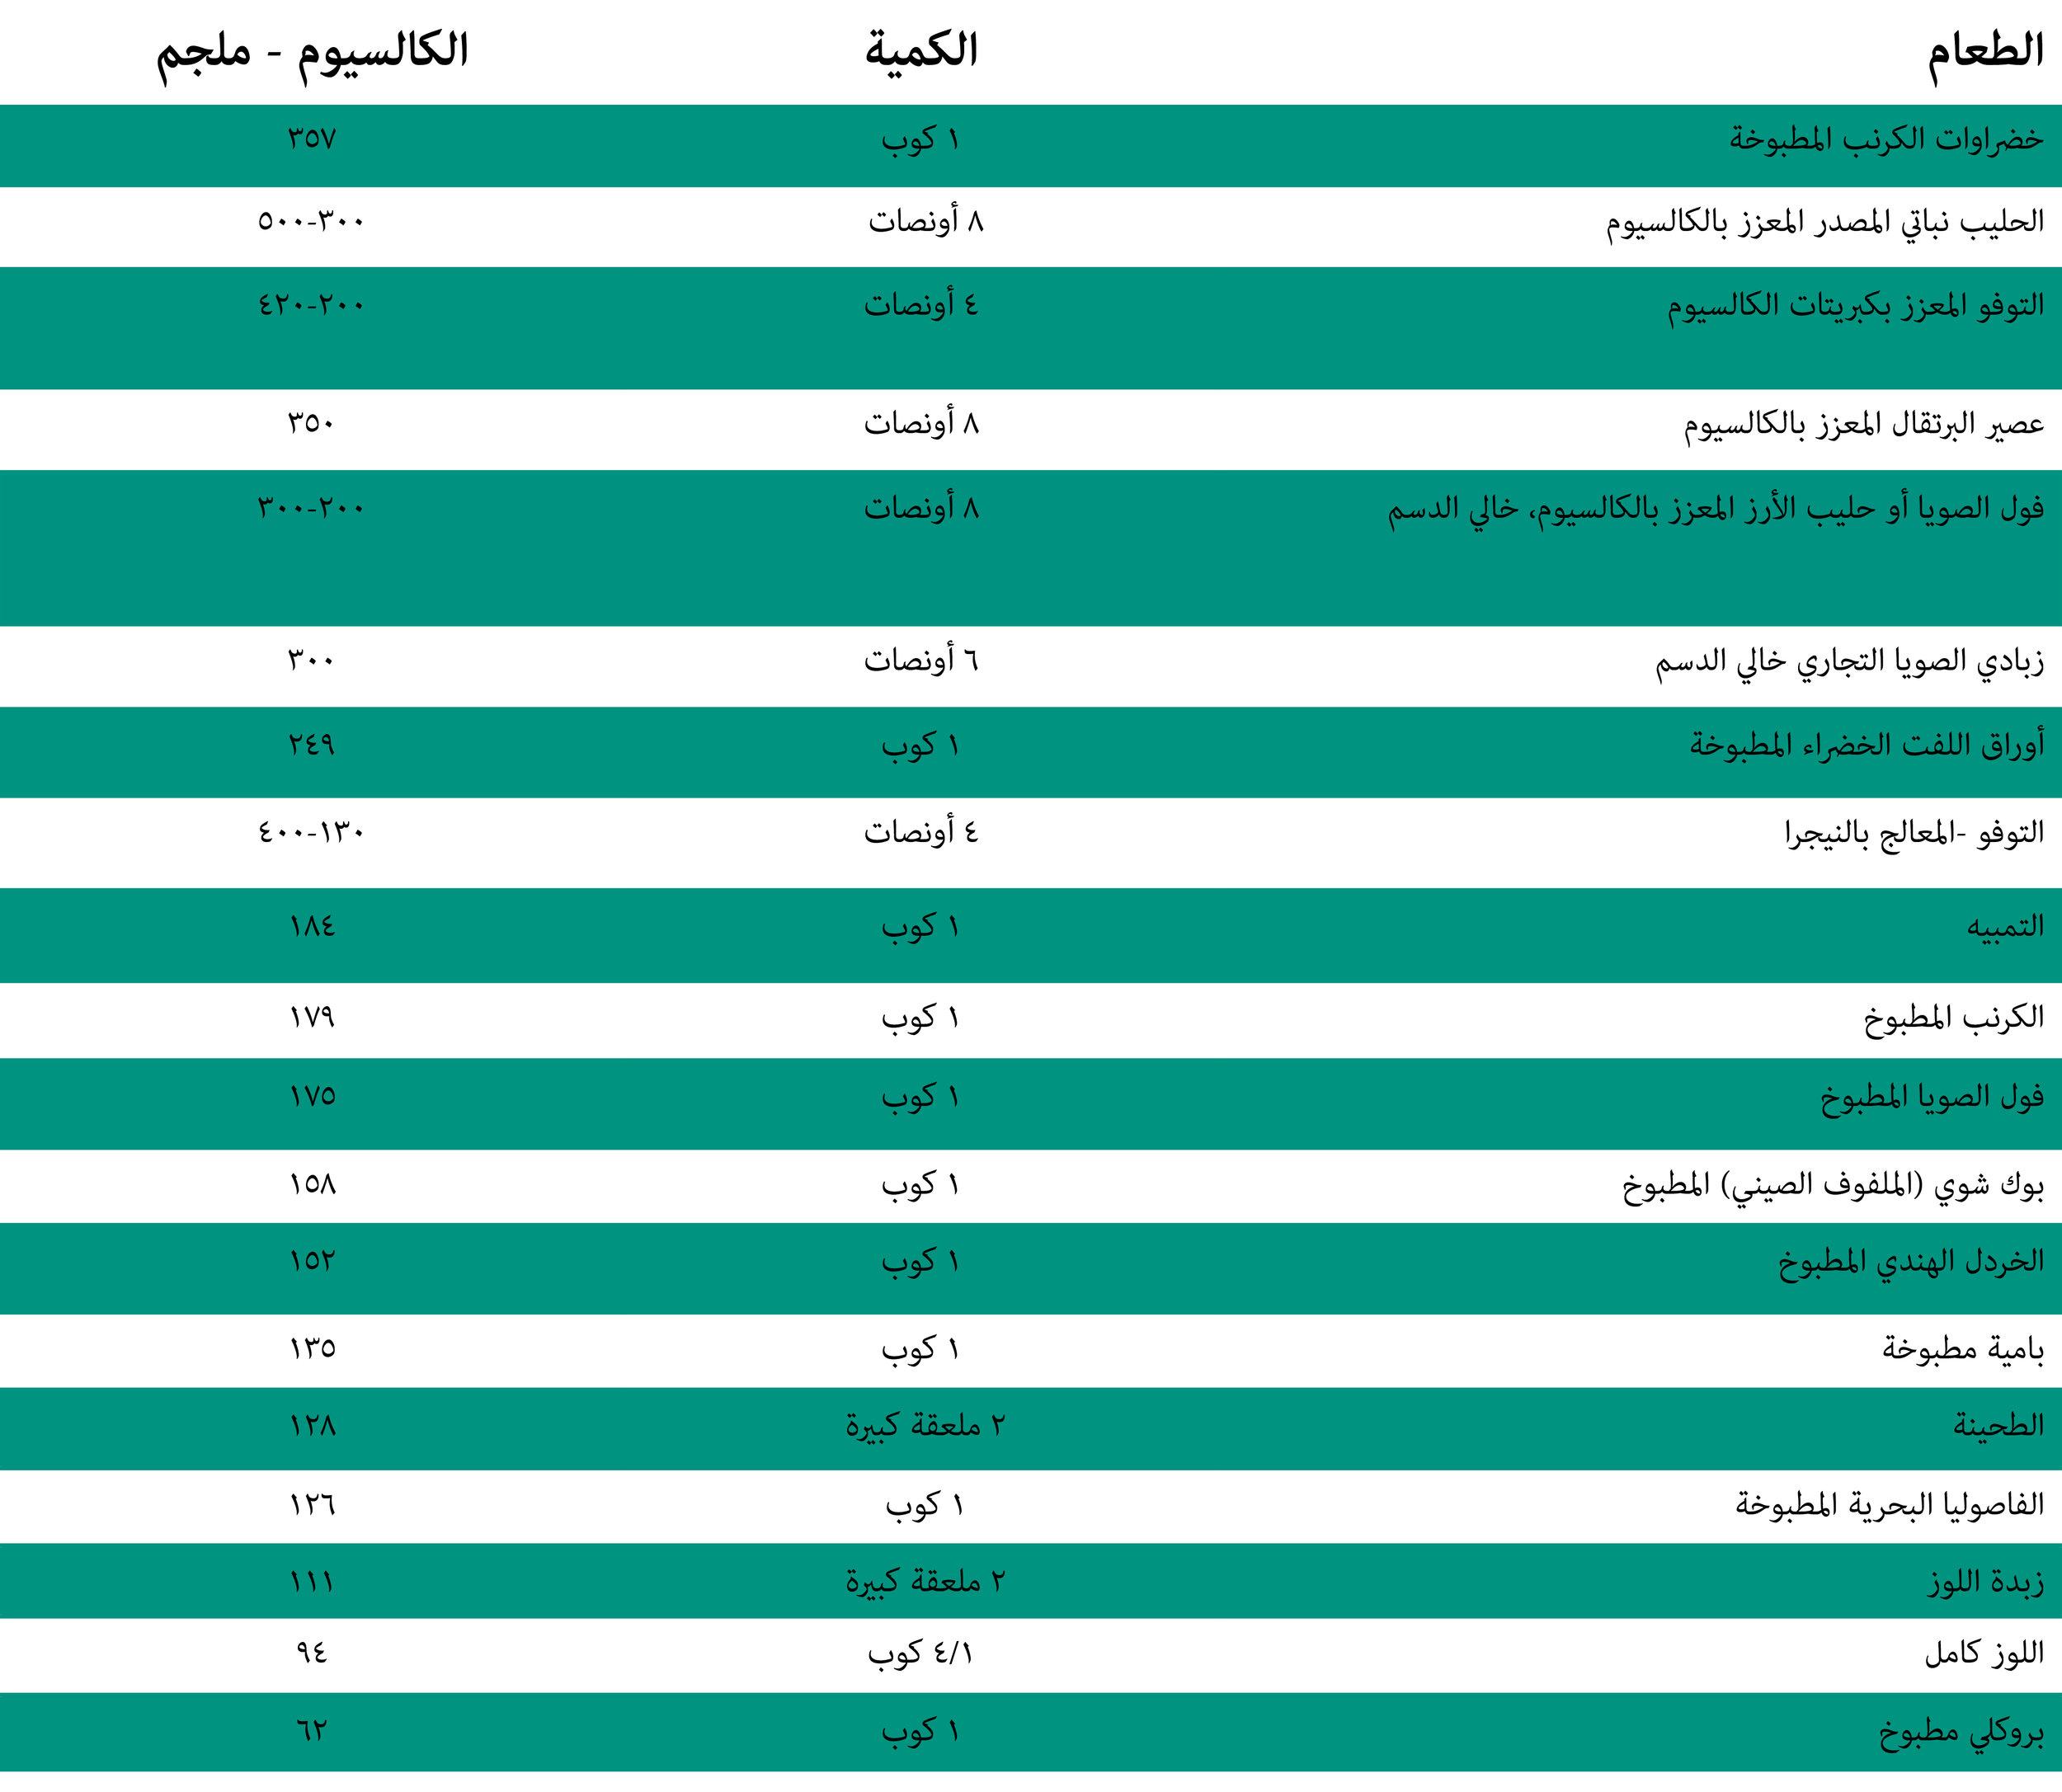 Calcium Table_Arabic.jpg